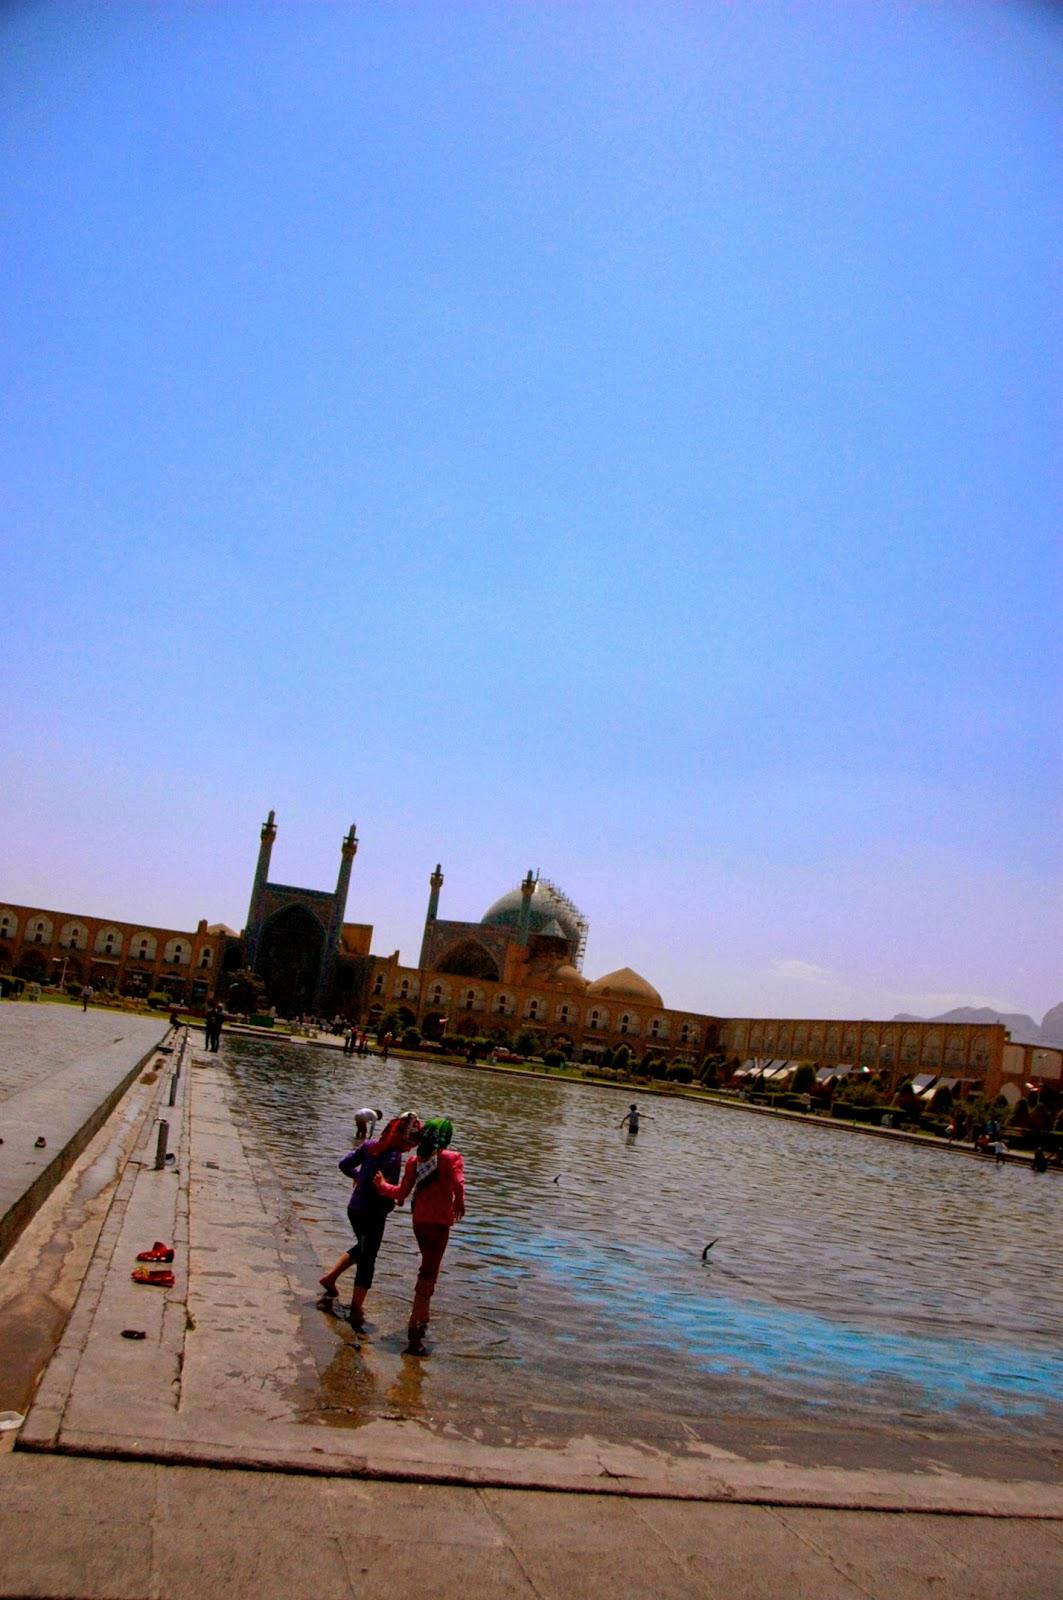 イマーム広場の画像 p1_37